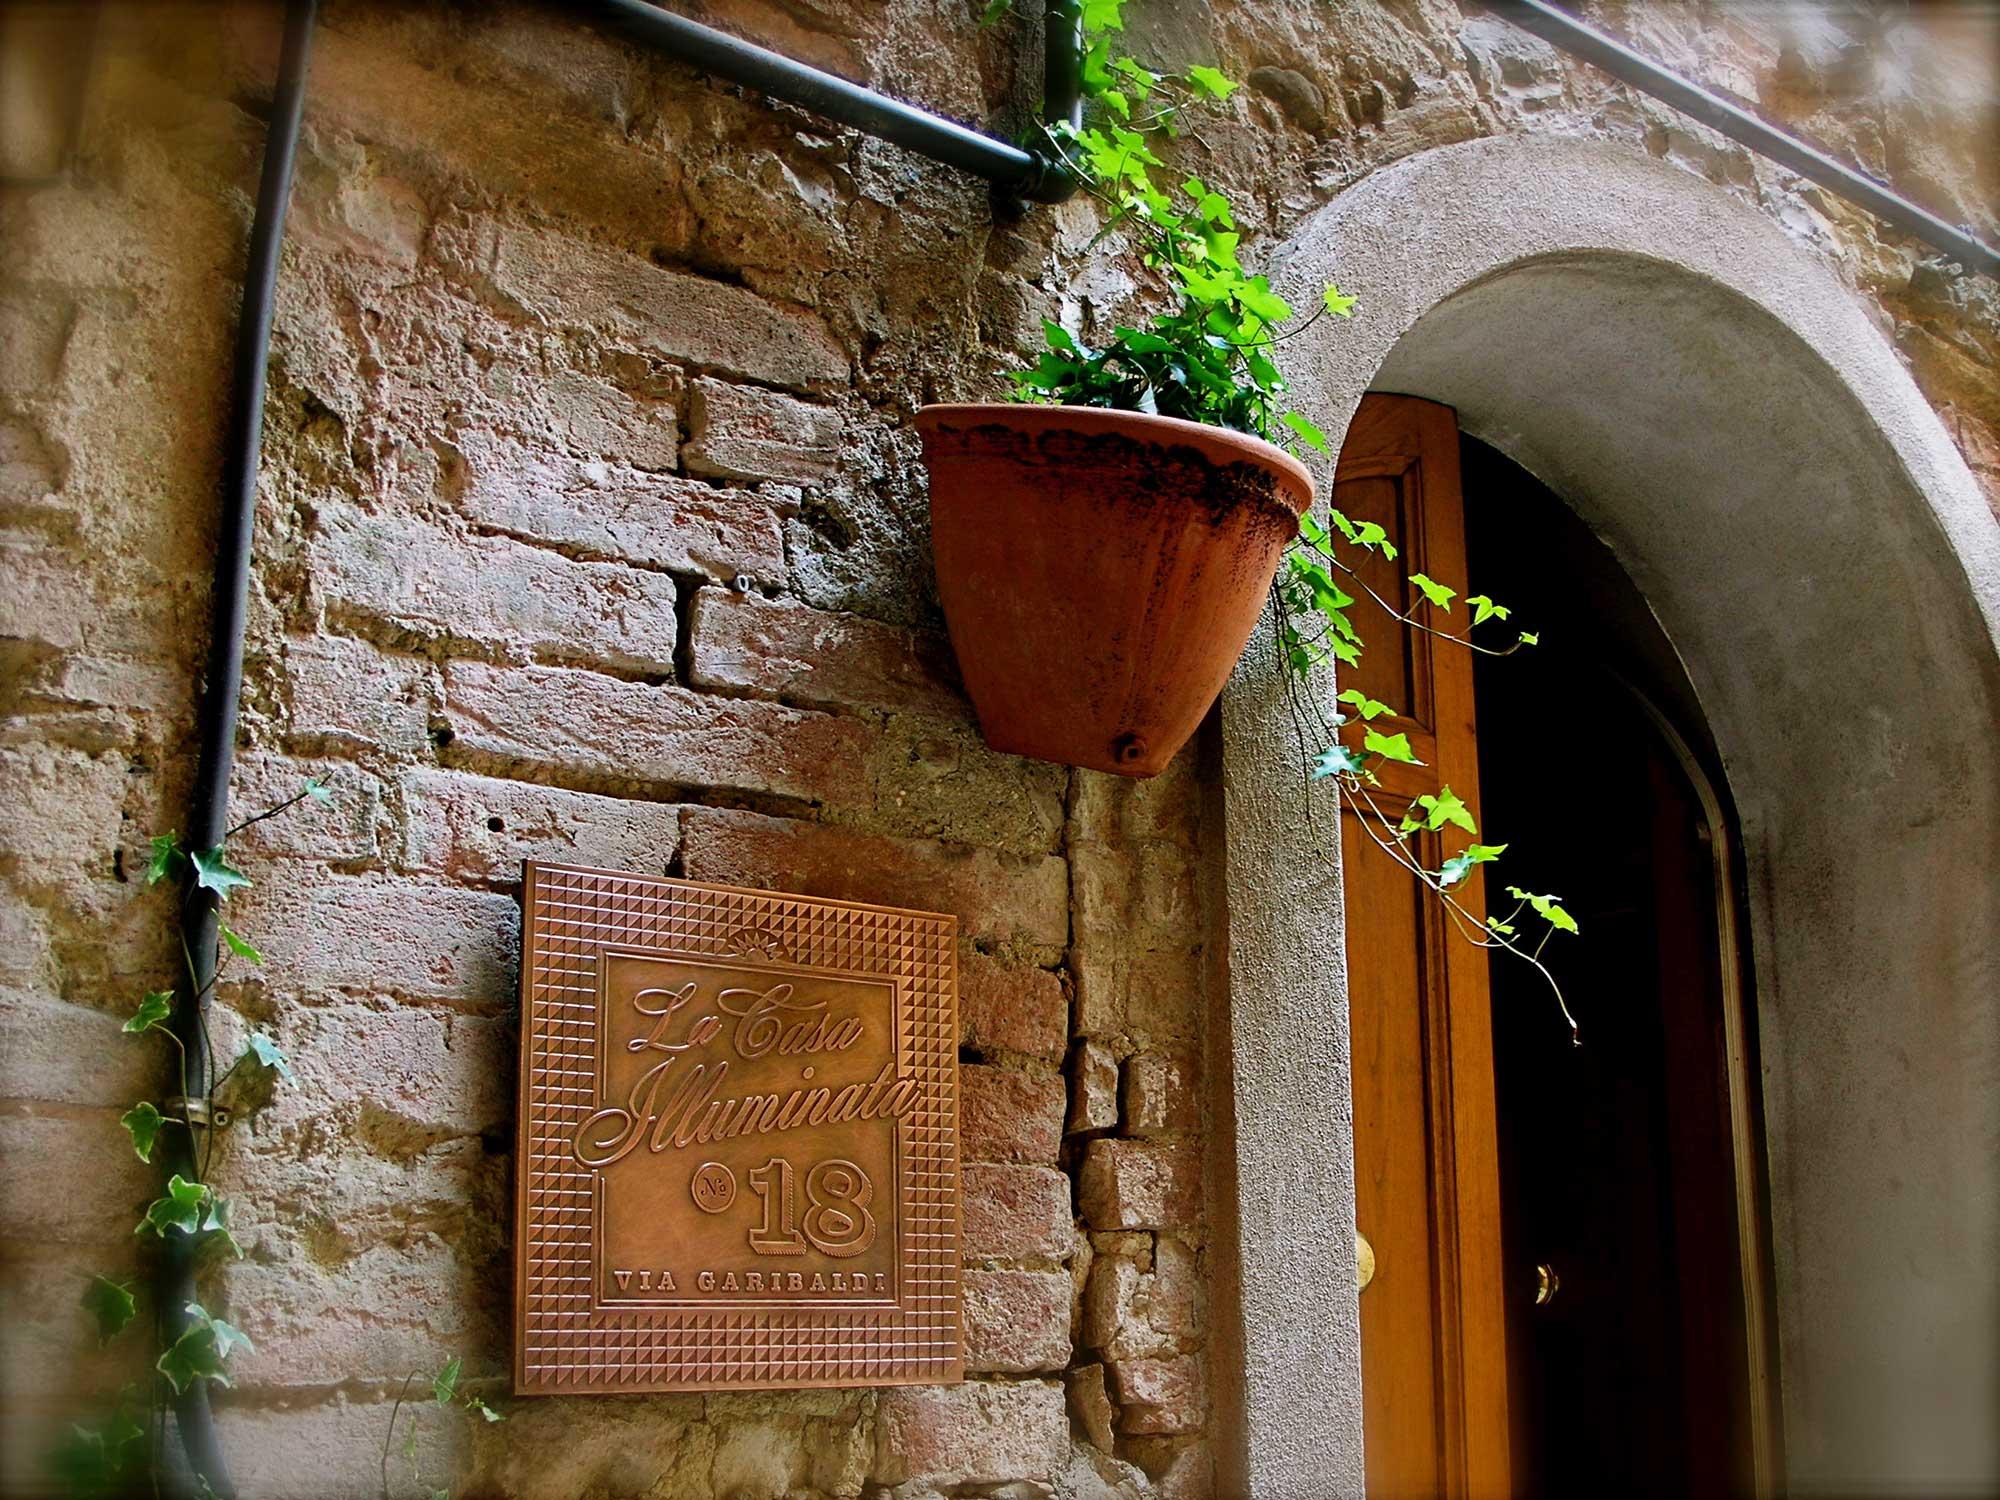 ron-miriello-grafico-Radicondoli-casa-illuminata-siena--Miriello-tuscany-italy-officina-la-pergola-07.jpg